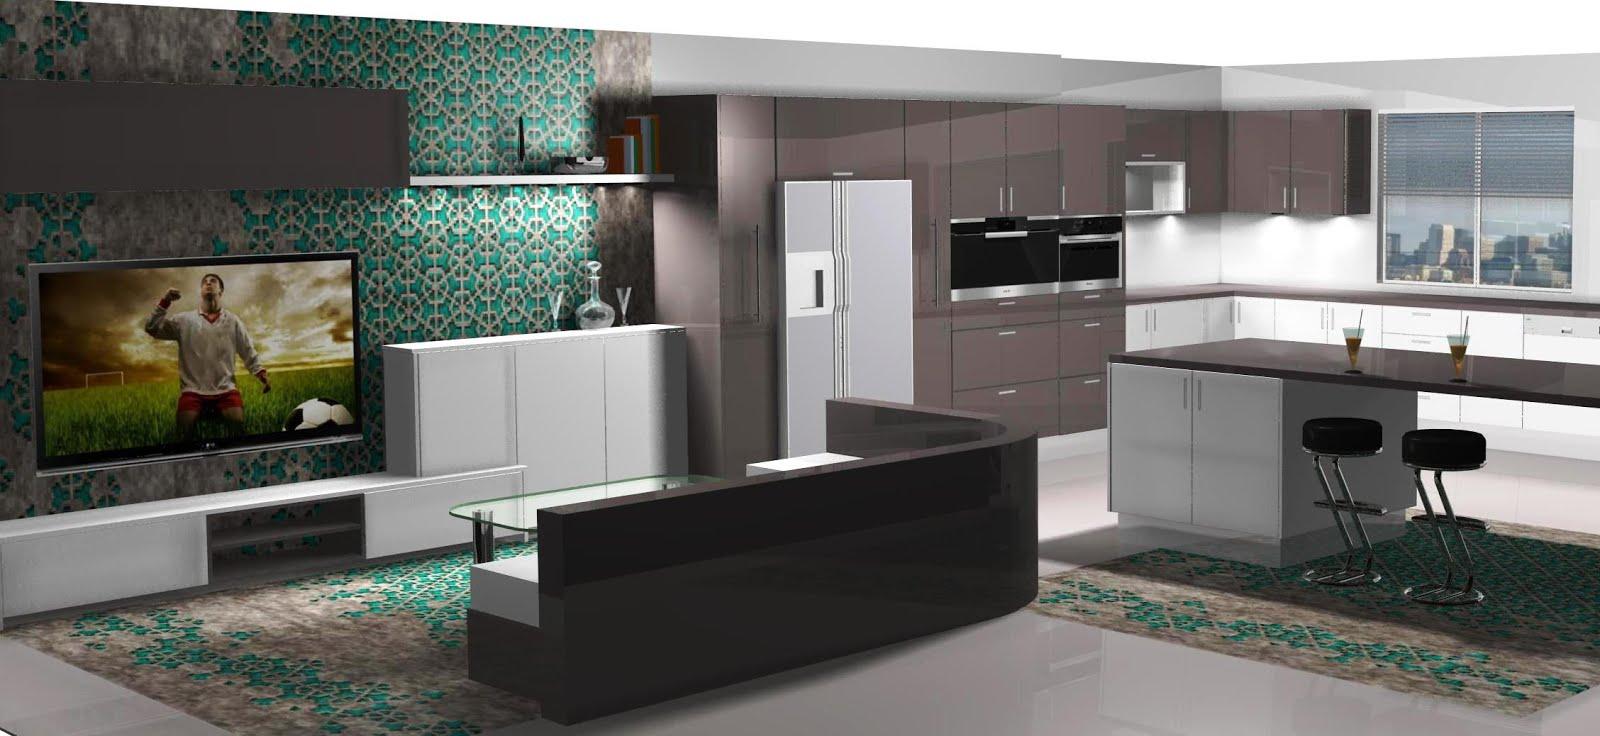 Diseño de cocina lacado en blanco y grafito